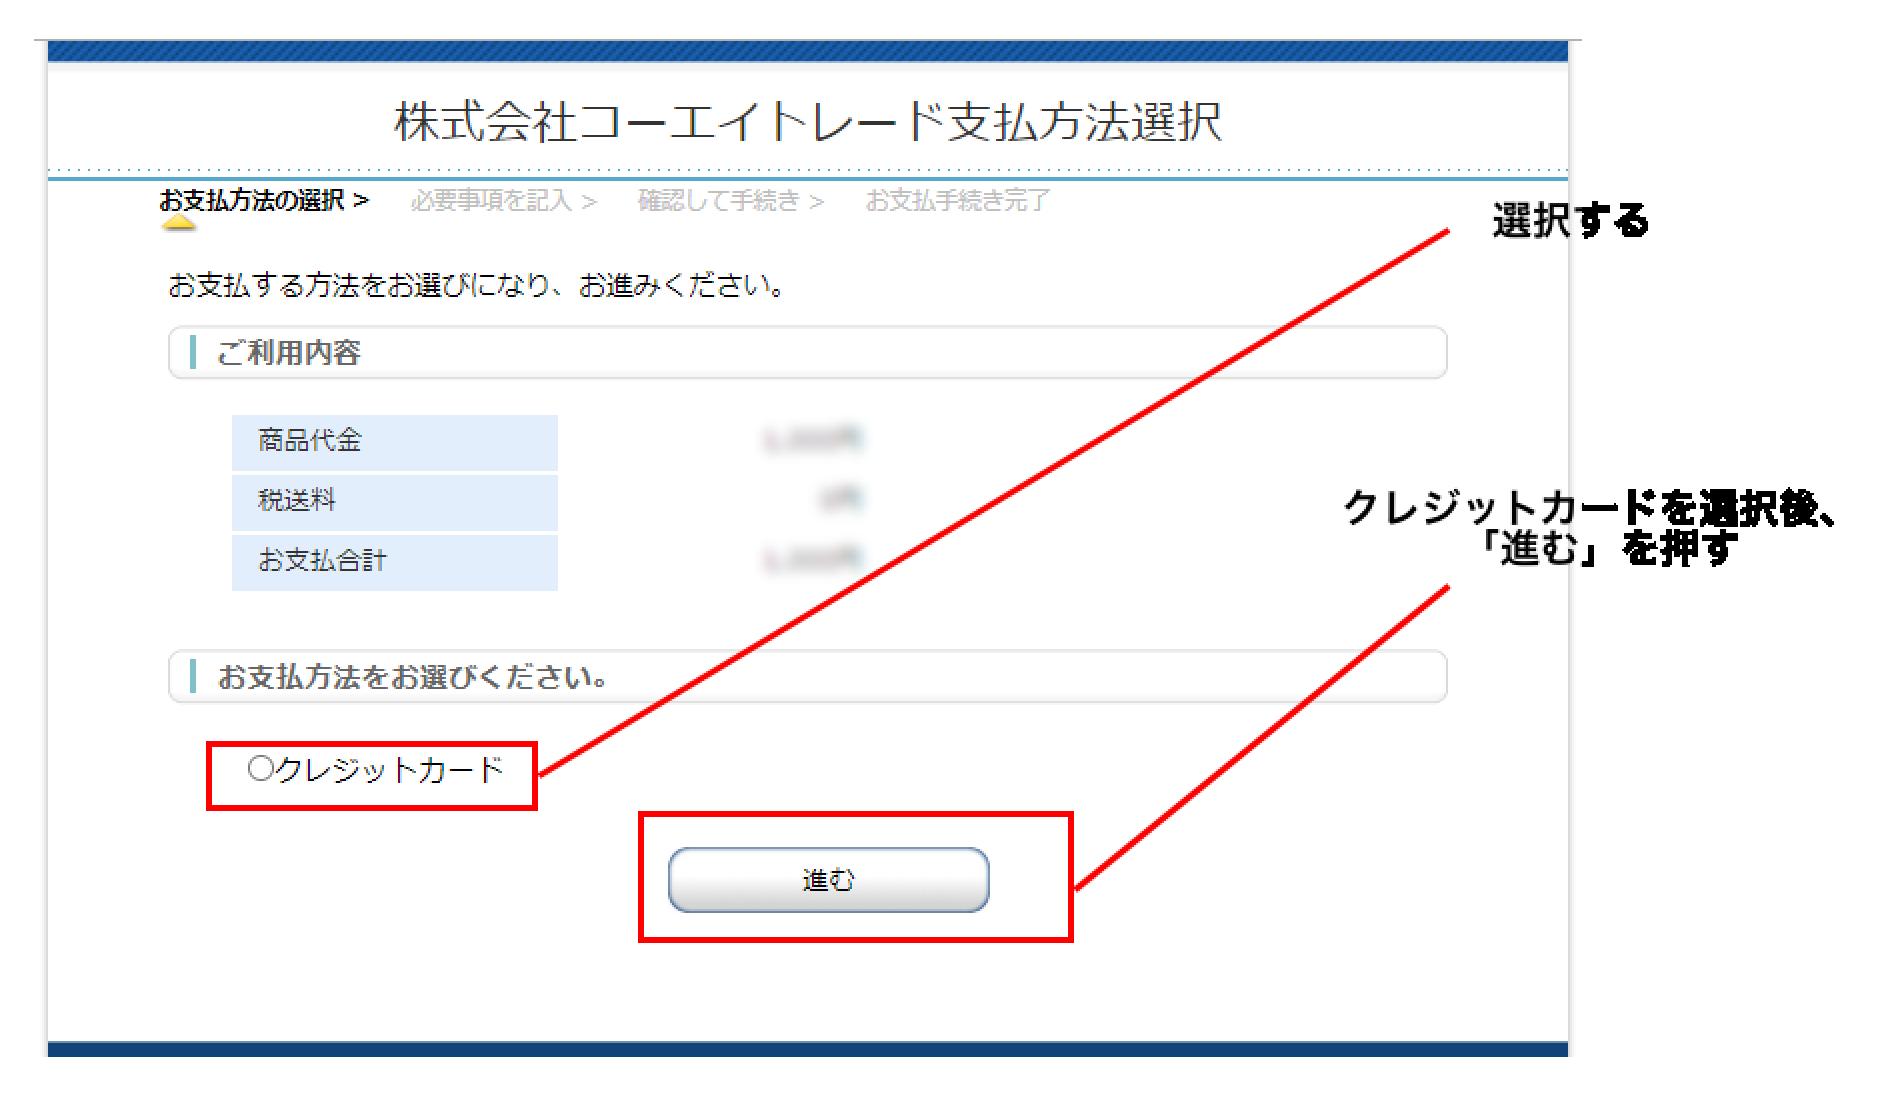 支払い方法選択画面の「クレジットカード」を選択した後、「進む」ボタンを押す